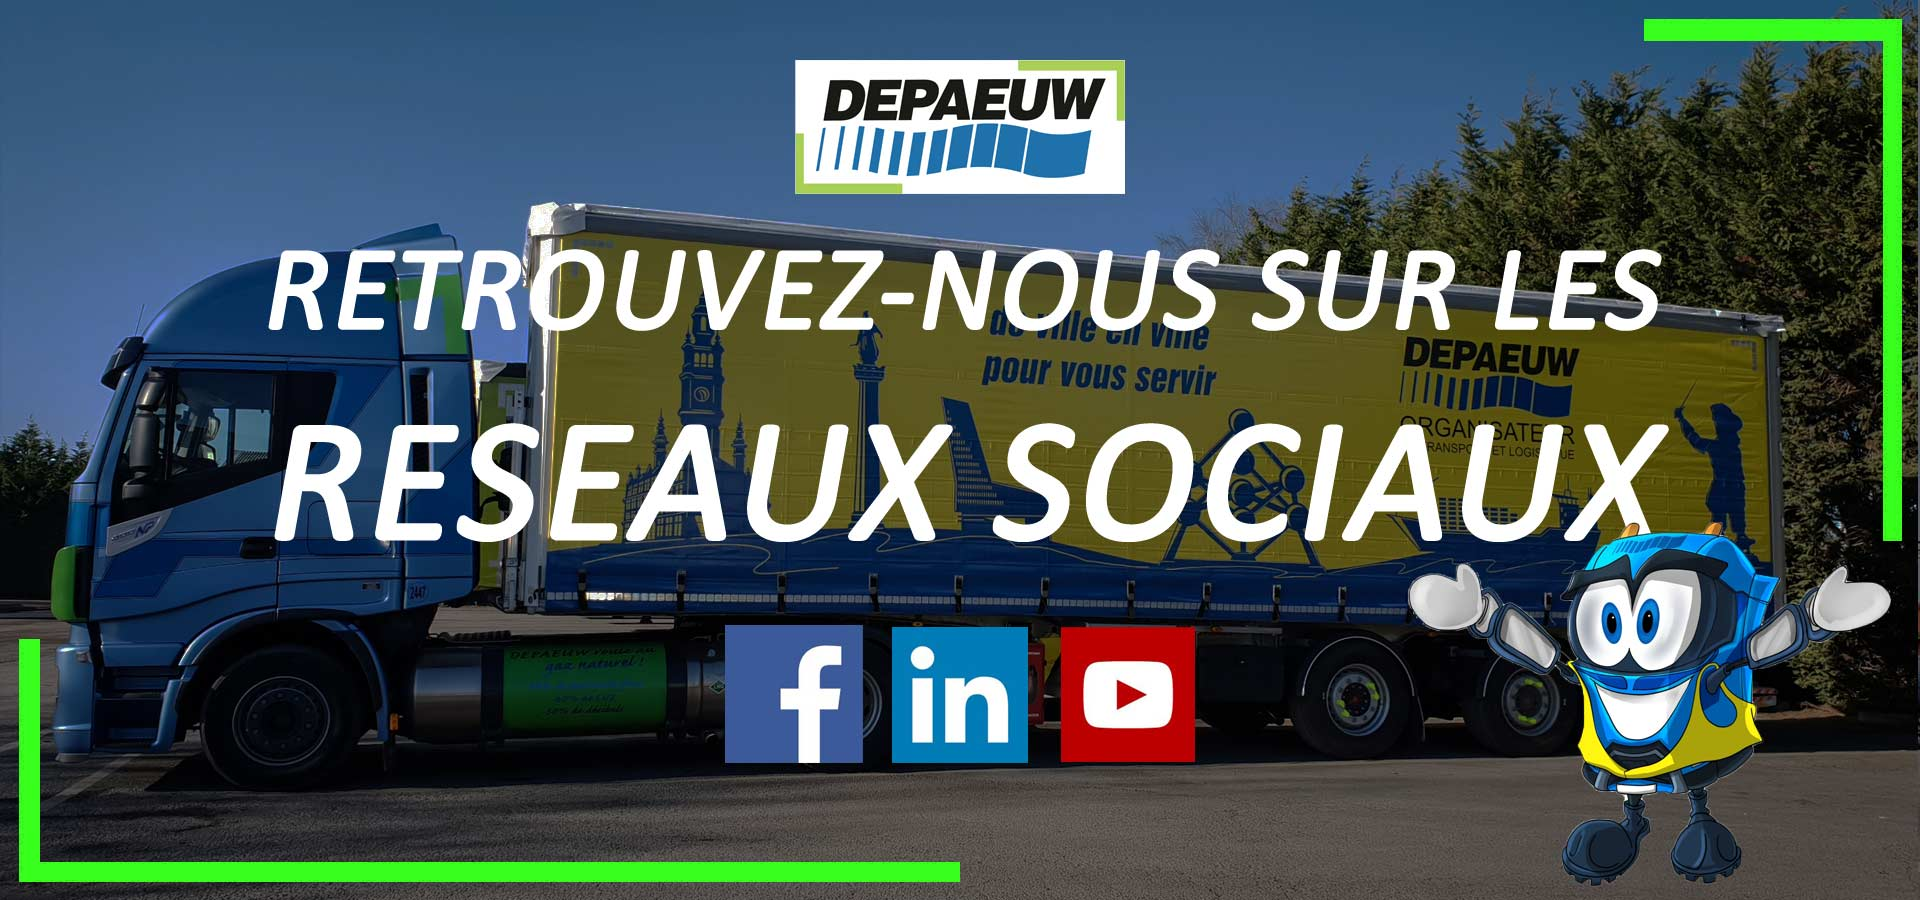 Page officielle DEPAEUW sur réseau social professionnel LinkedIn